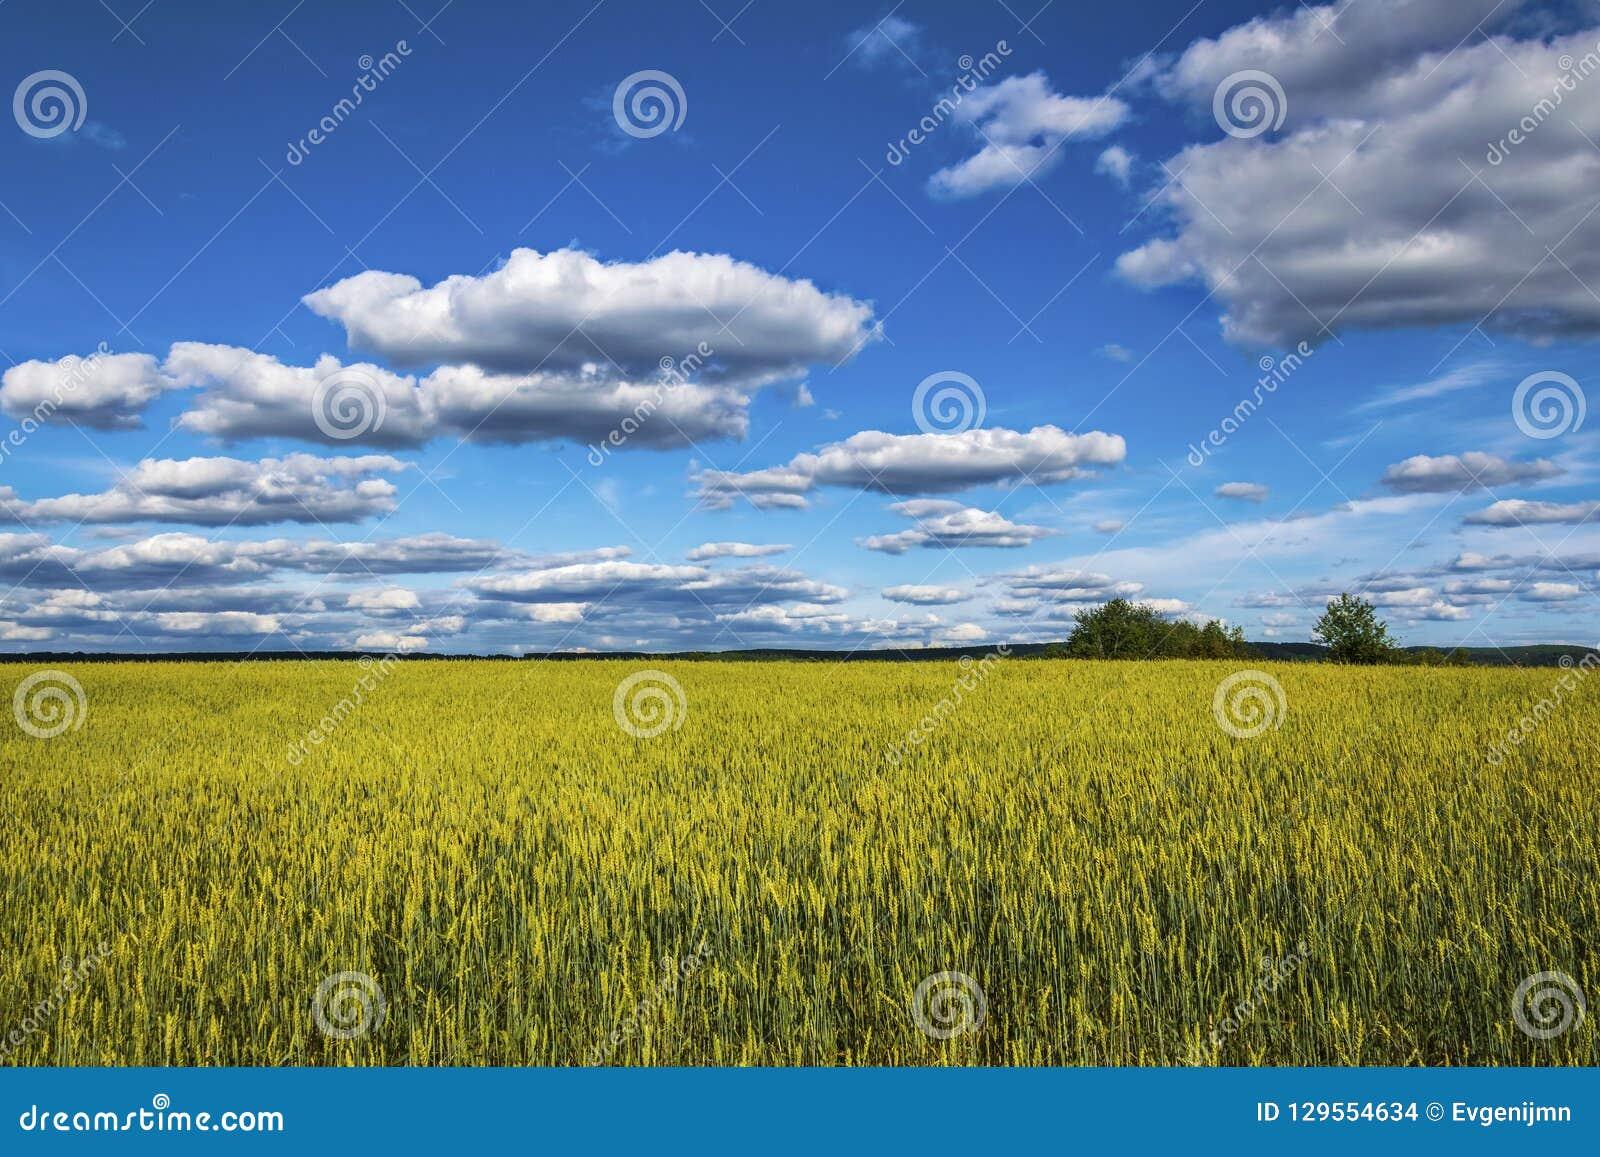 Um grande campo de trigo sob um céu azul com nuvens